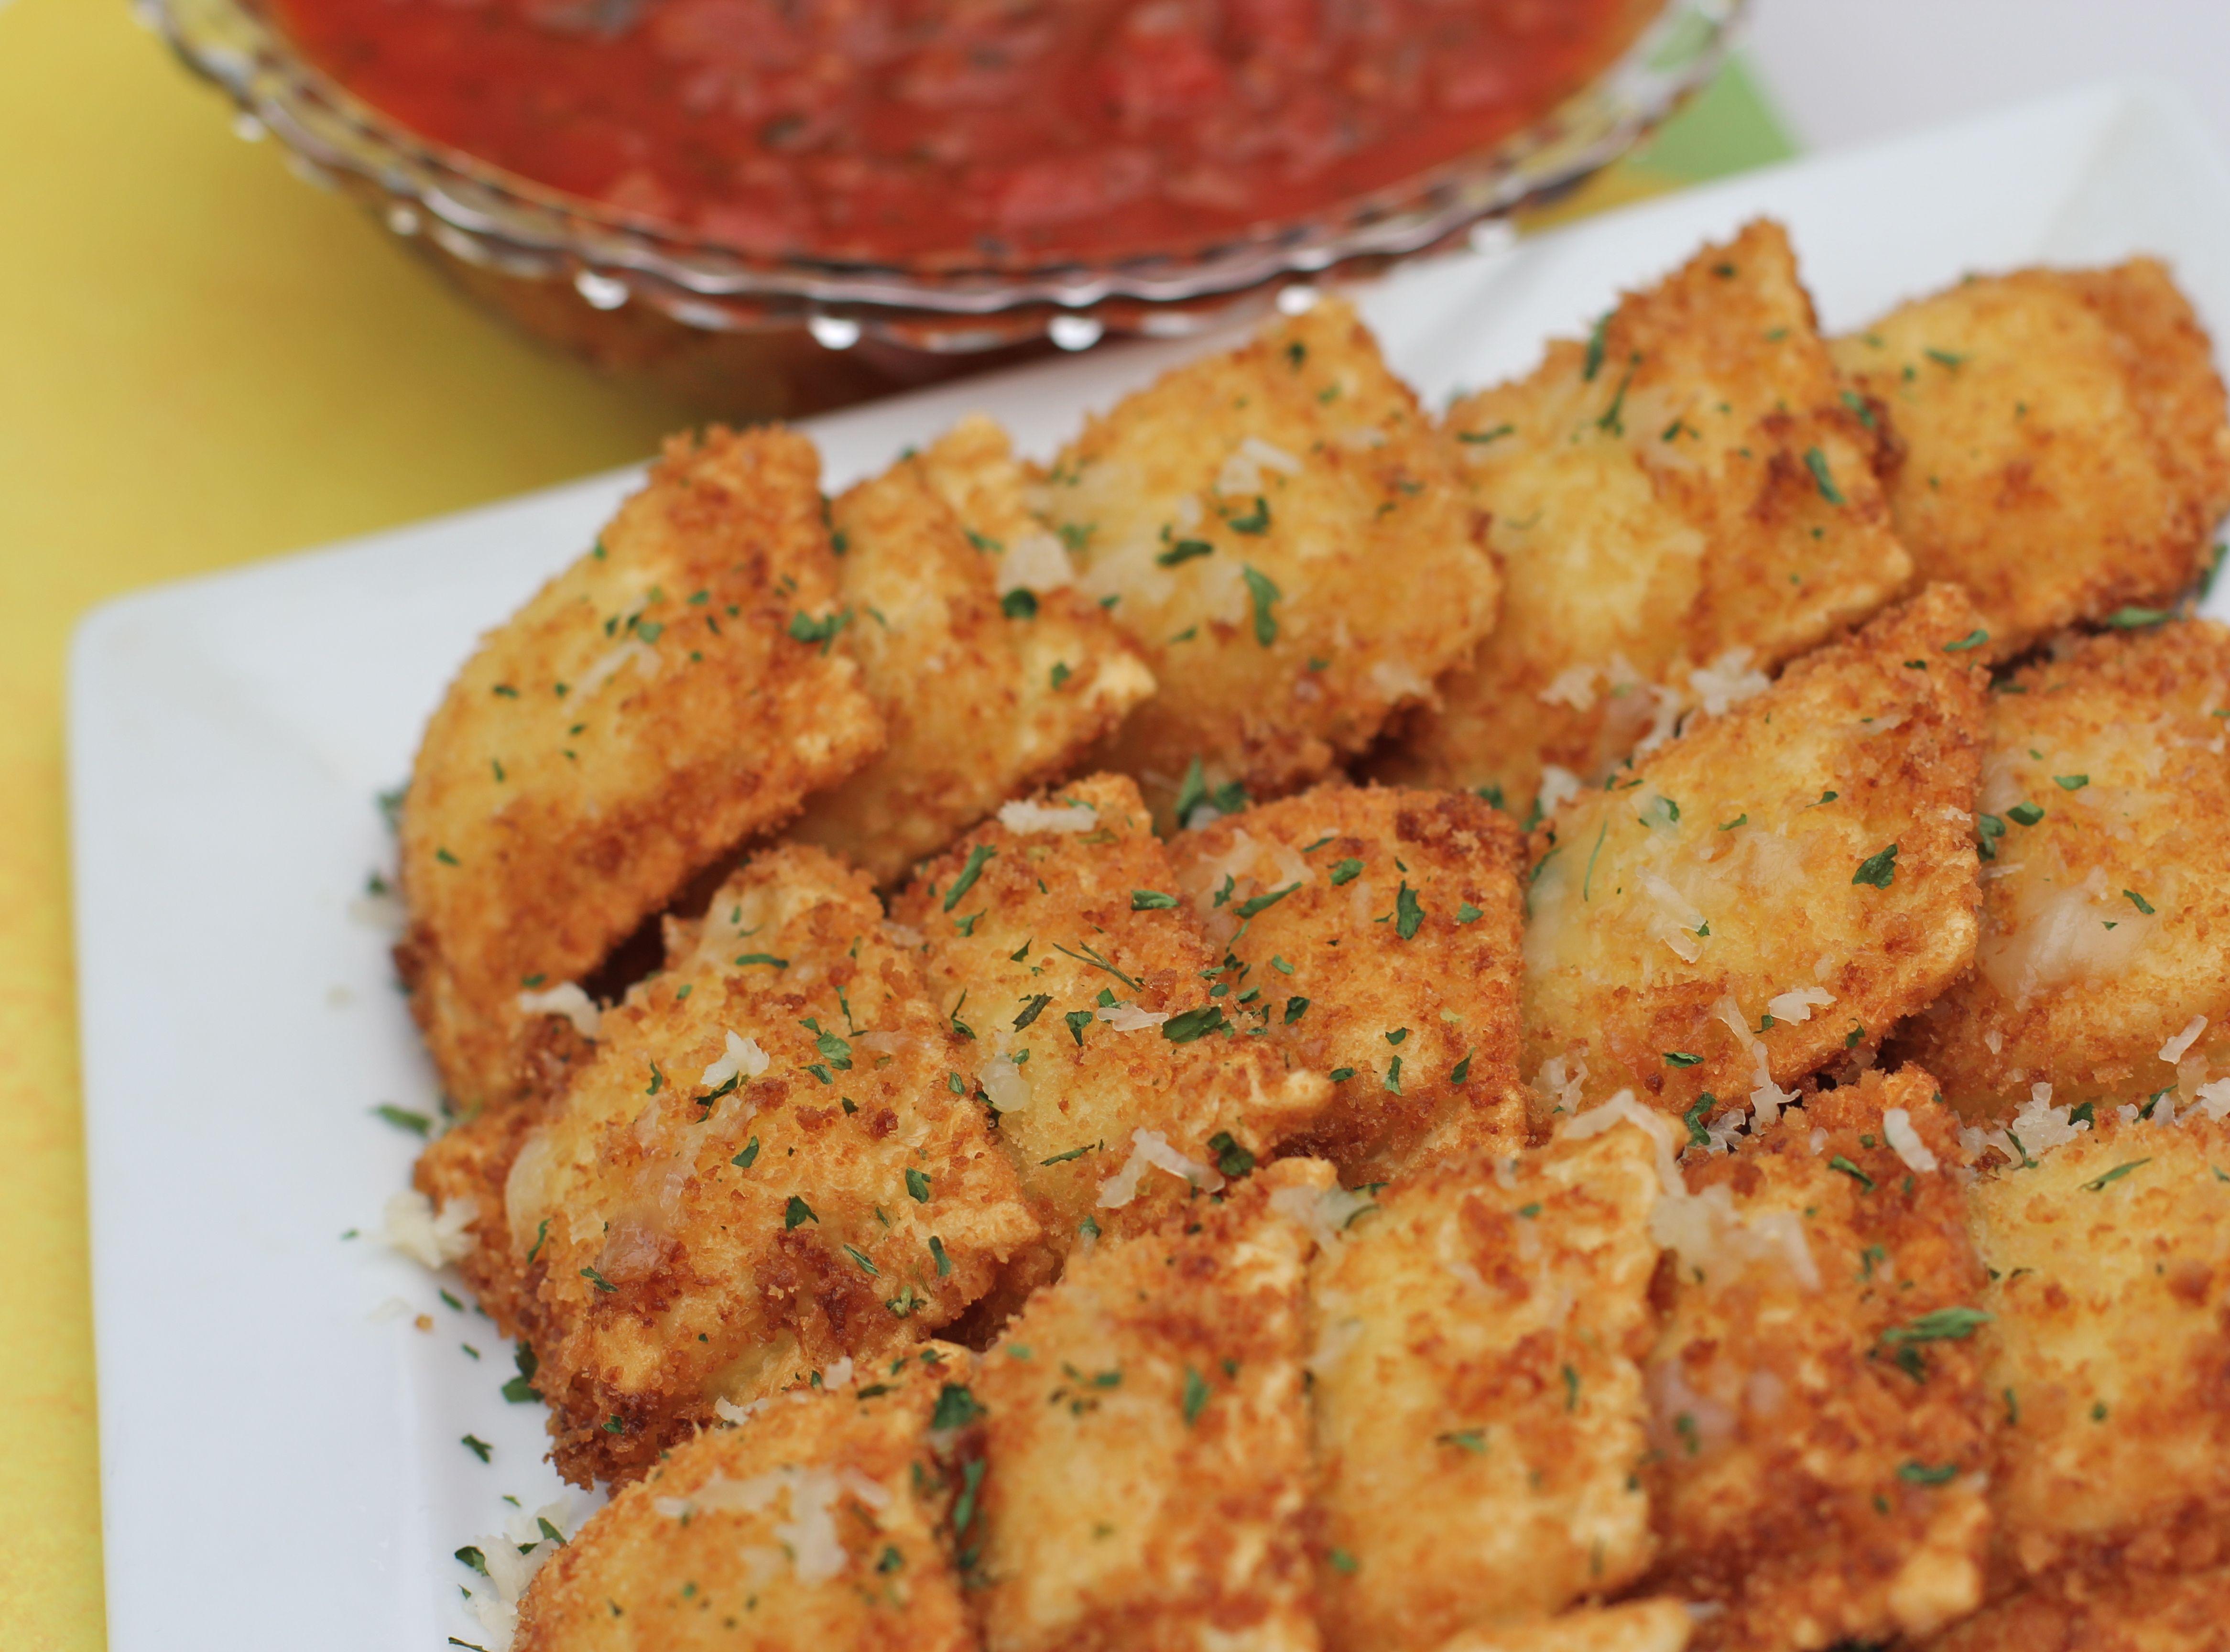 Best 25 Toasted Ravioli Ideas On Pinterest Fried Ravioli Recipe Olive Garden Fried Ravioli